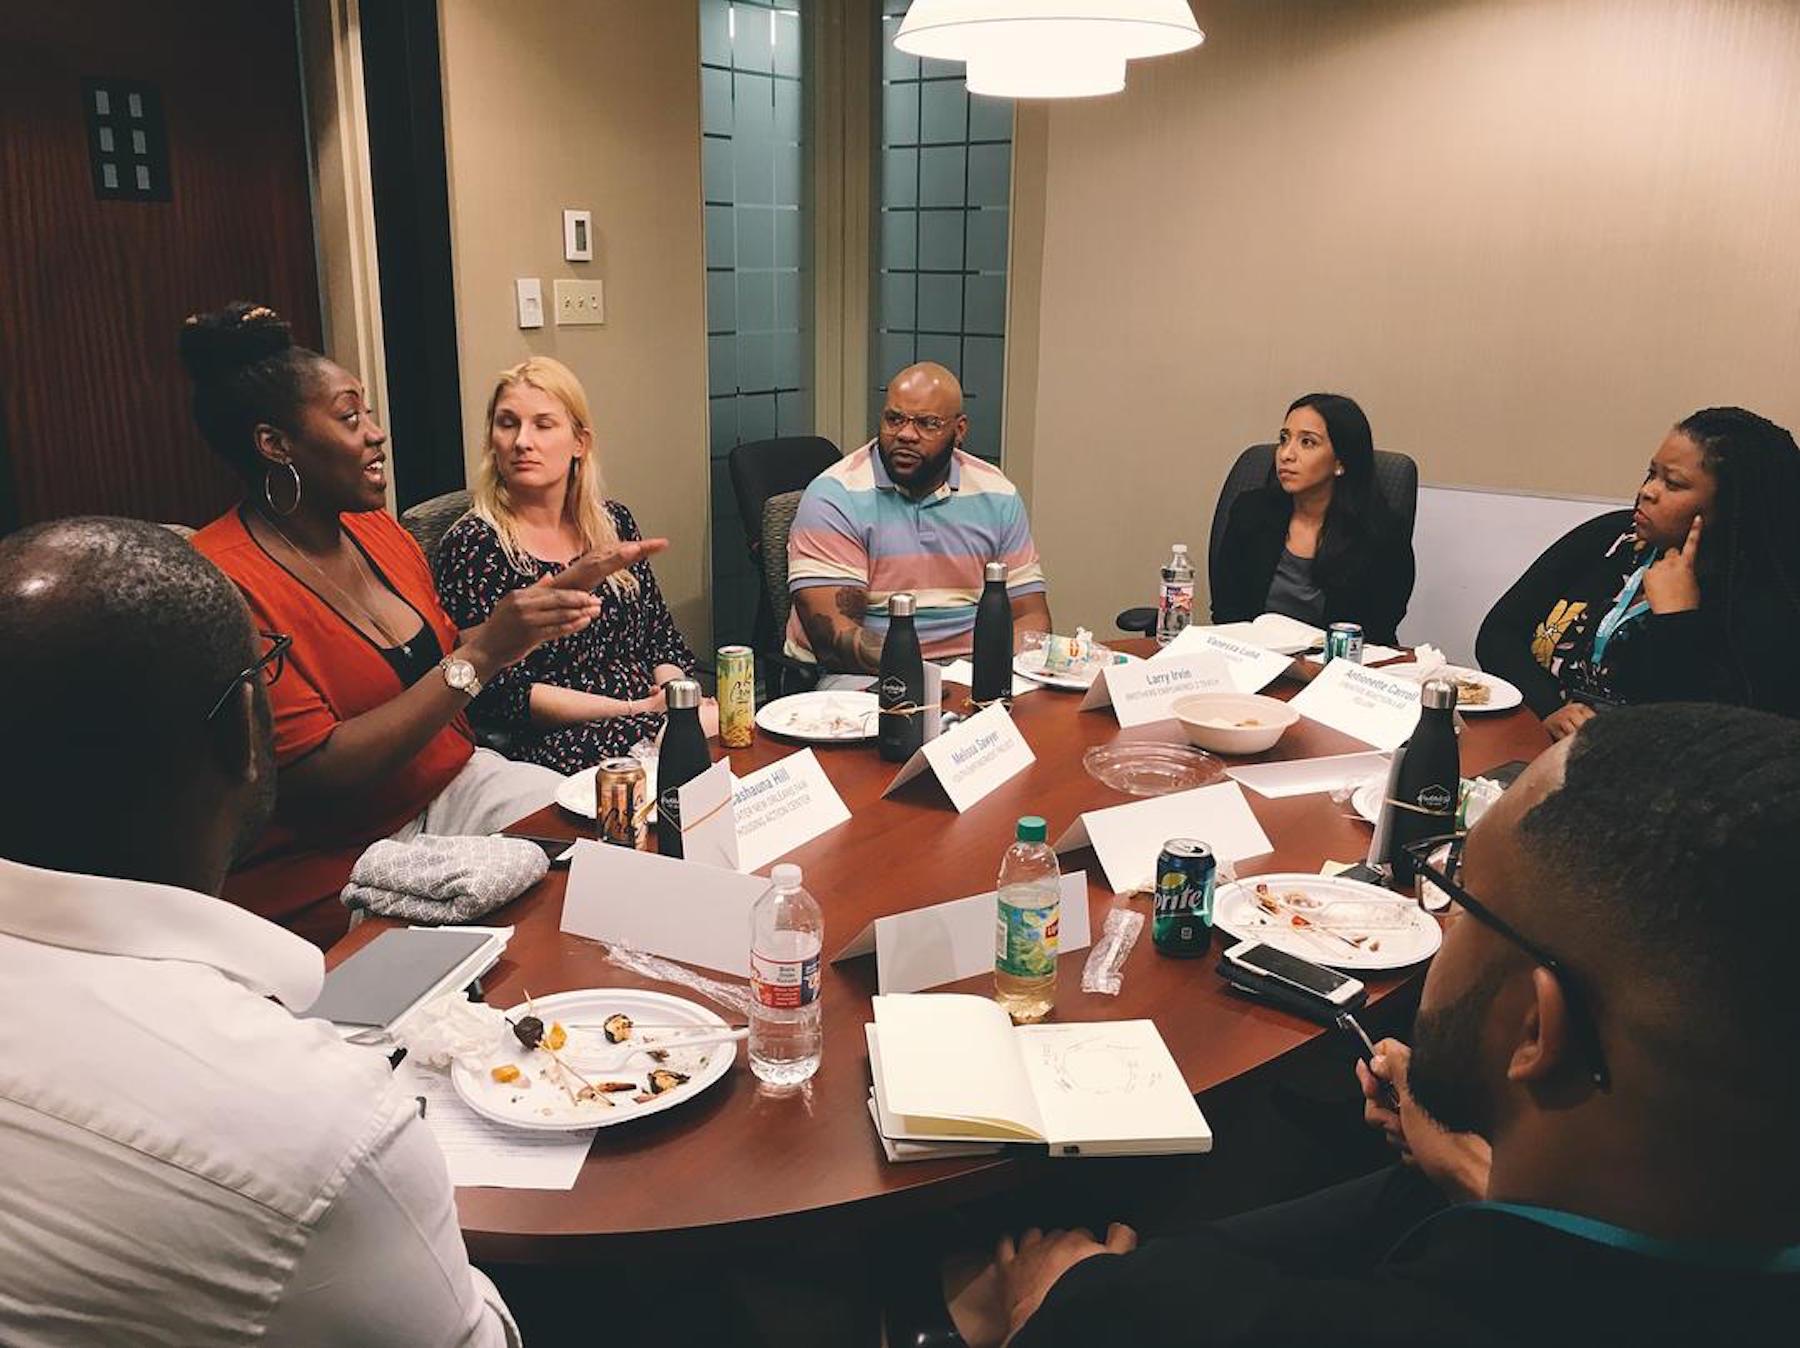 Our nonprofit roundtable discusses community engagement